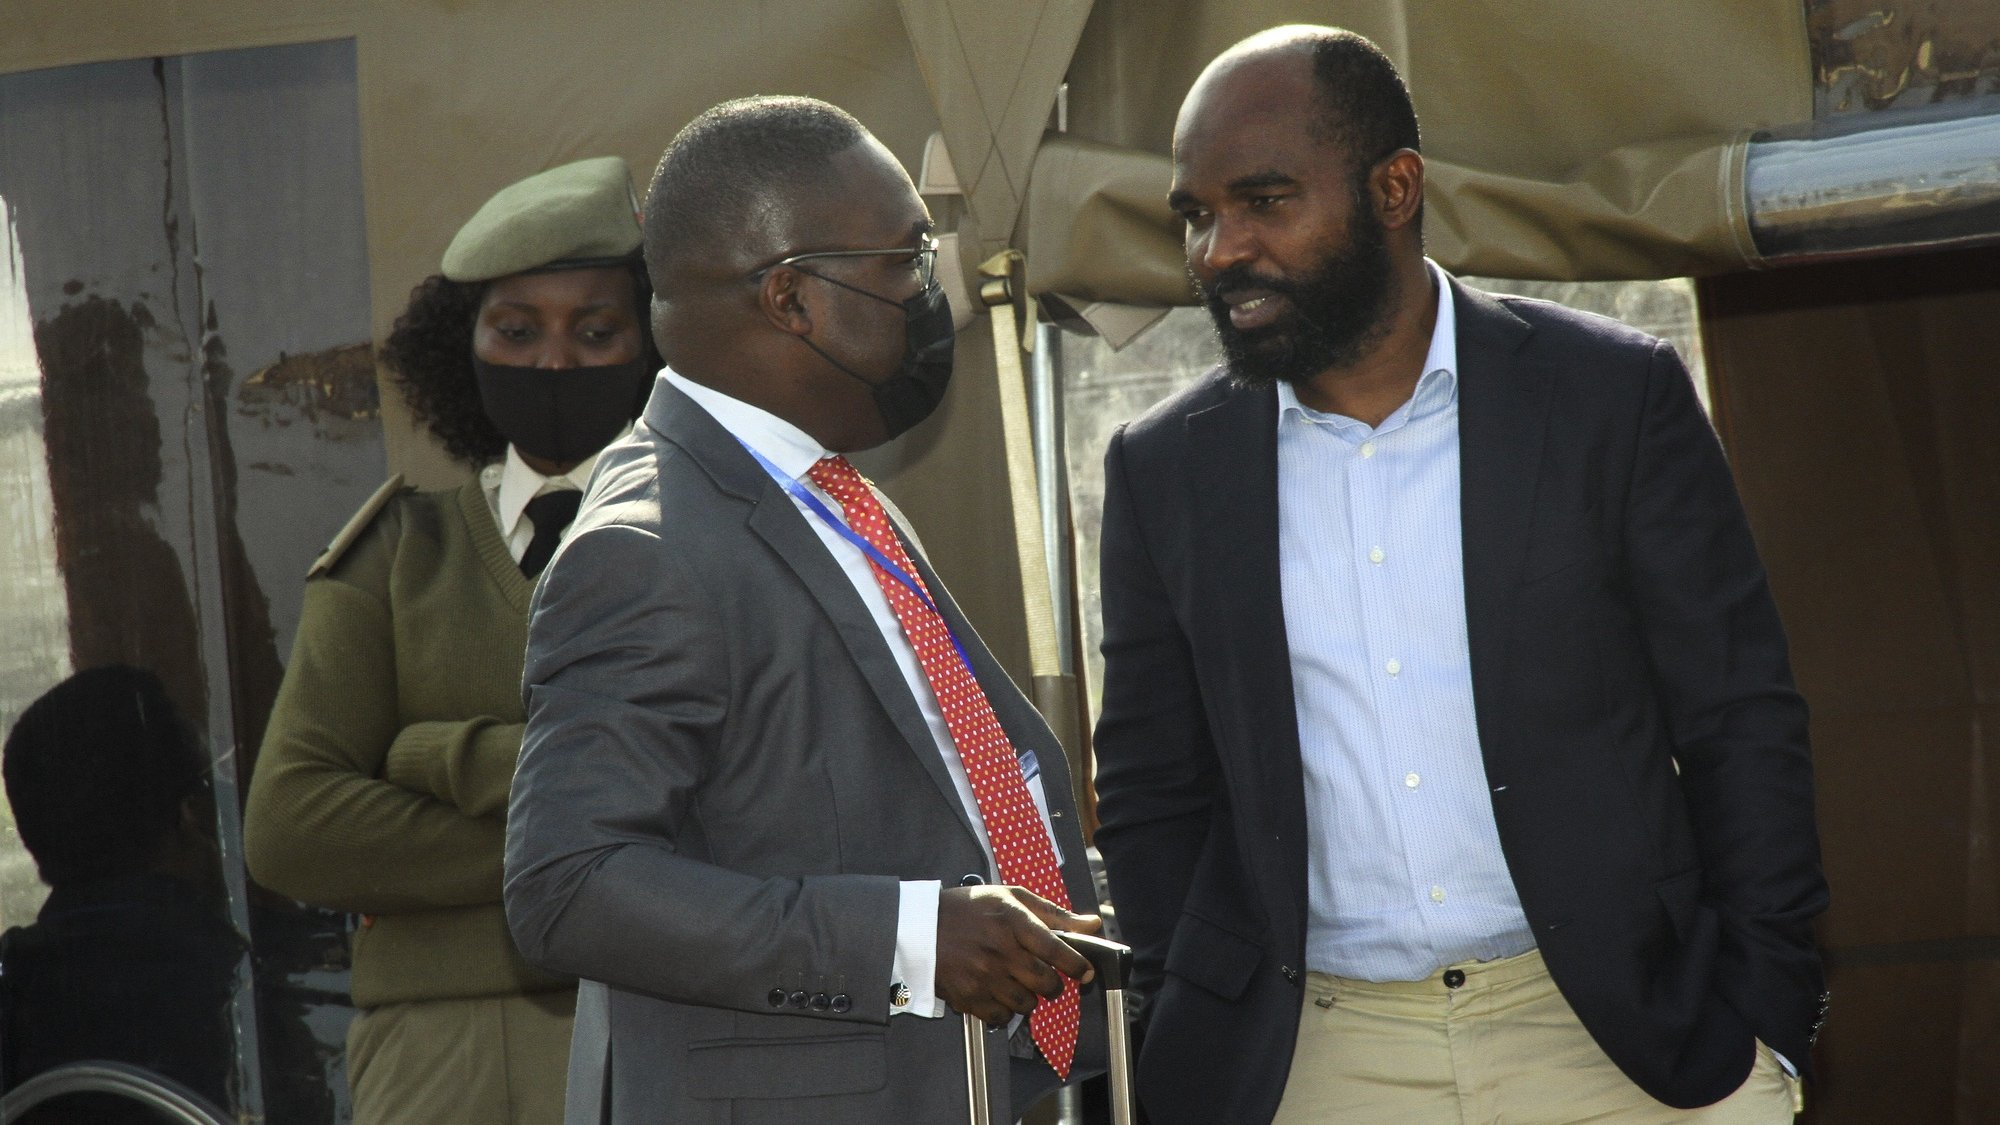 """O réu António Carlos do Rosário (D), diretor de Inteligência Económica do Serviço de Informação e Segurança do Estado (SISE) e ex-PCA das empresas Proindicus, MAM e EMATUM, em conversa com o seu advogado, Alexandre Chivale (E), à porta da sala de sessão do julgamento em Maputo, Moçambique, 23 de agosto de 2021. A defesa de cinco dos 19 arguidos do processo das 'dívidas ocultas' considerou hoje, durante o julgamento que se iniciou na província de Maputo, a acusação """"surreal"""" e """"presunção forçada"""", pedindo a absolvição dos seus constituintes (ACOMPANHA TEXTO DA LUSA). LUCAS MENESES/LUSA"""